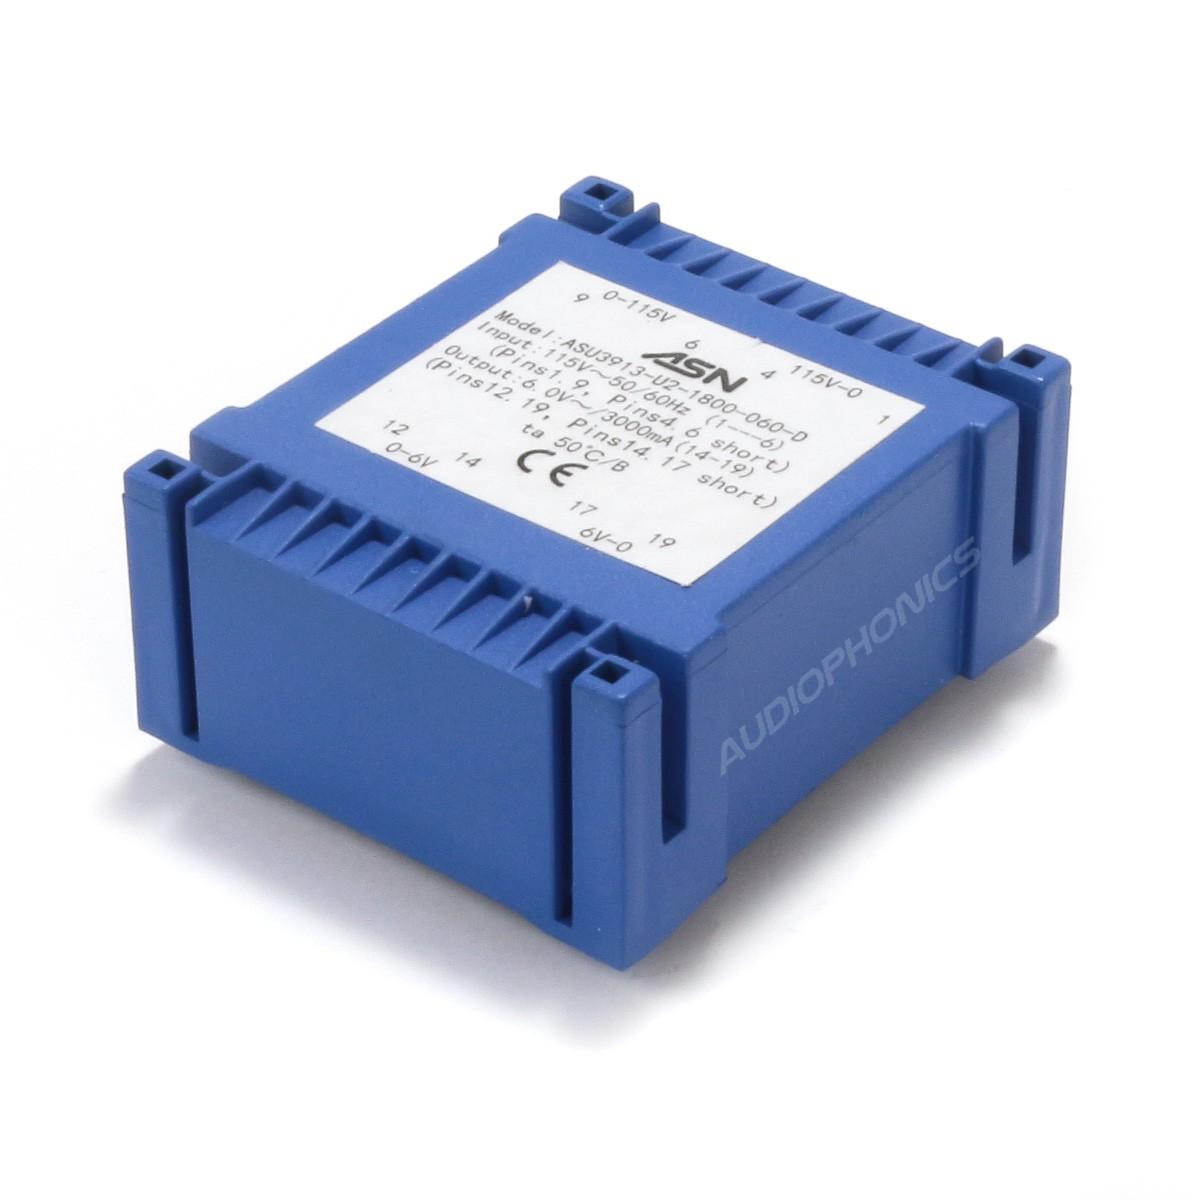 Transformateur pour Circuits Imprimés UI 39/13,5 2x6V 1.67A 18VA